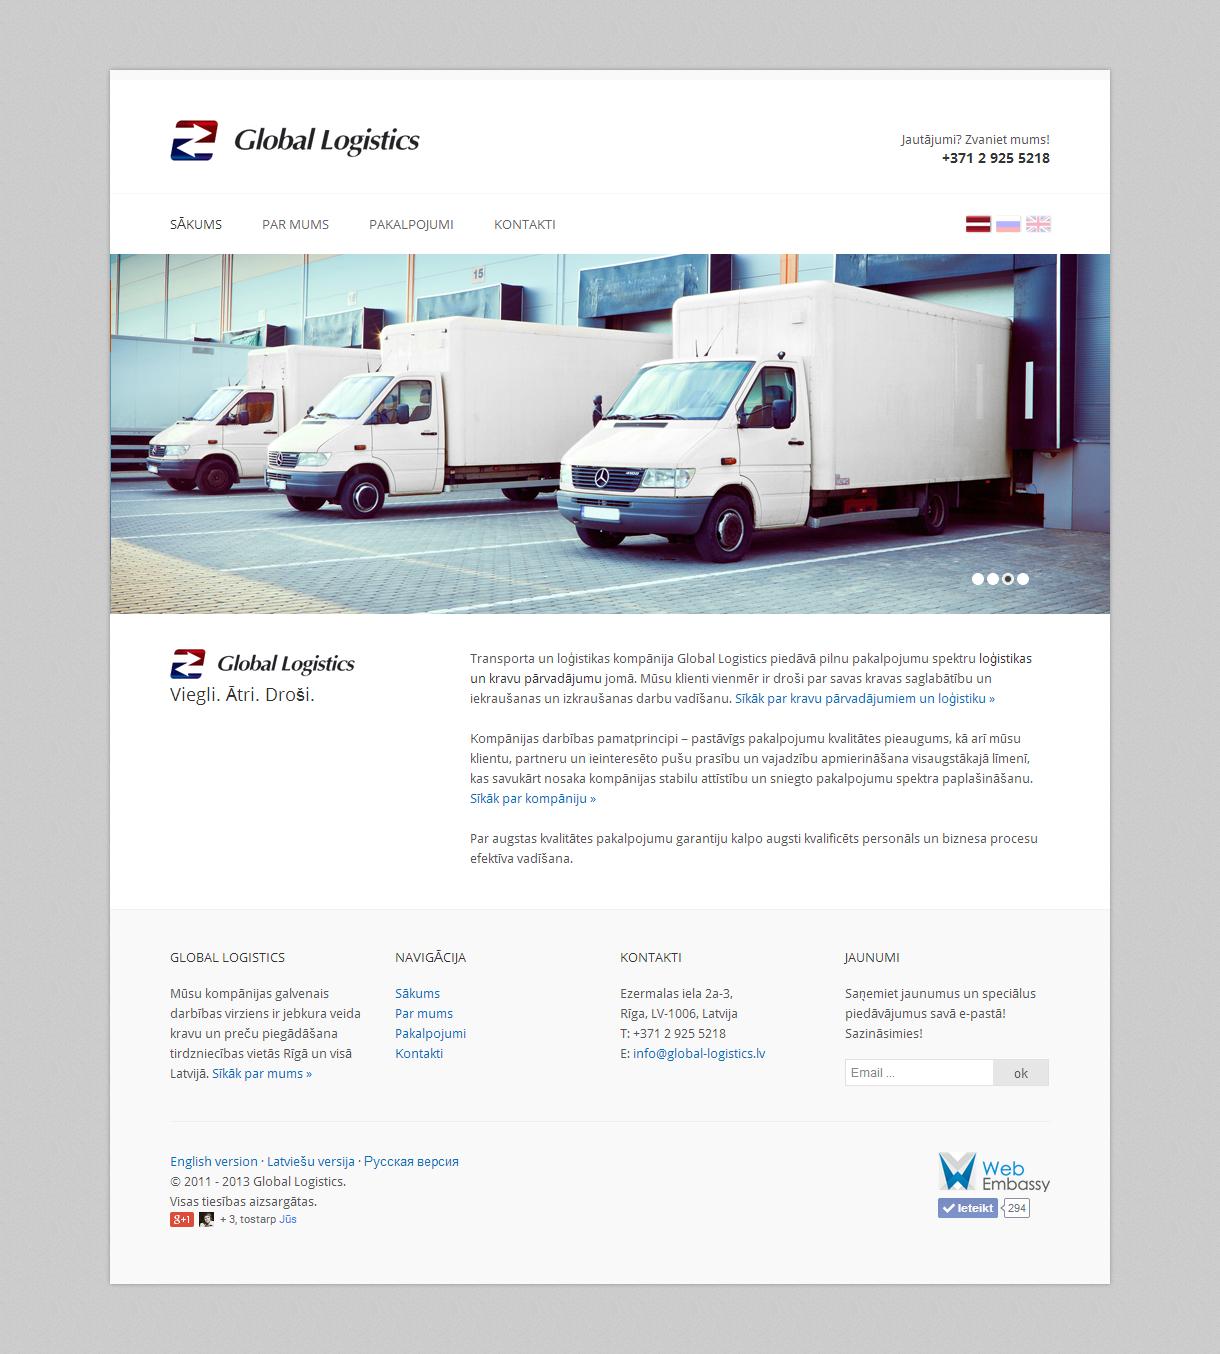 Веб-сайт для компании Global Logistics. Сайт - визитка с информацией о компании и ознакомлением со спектром услуг